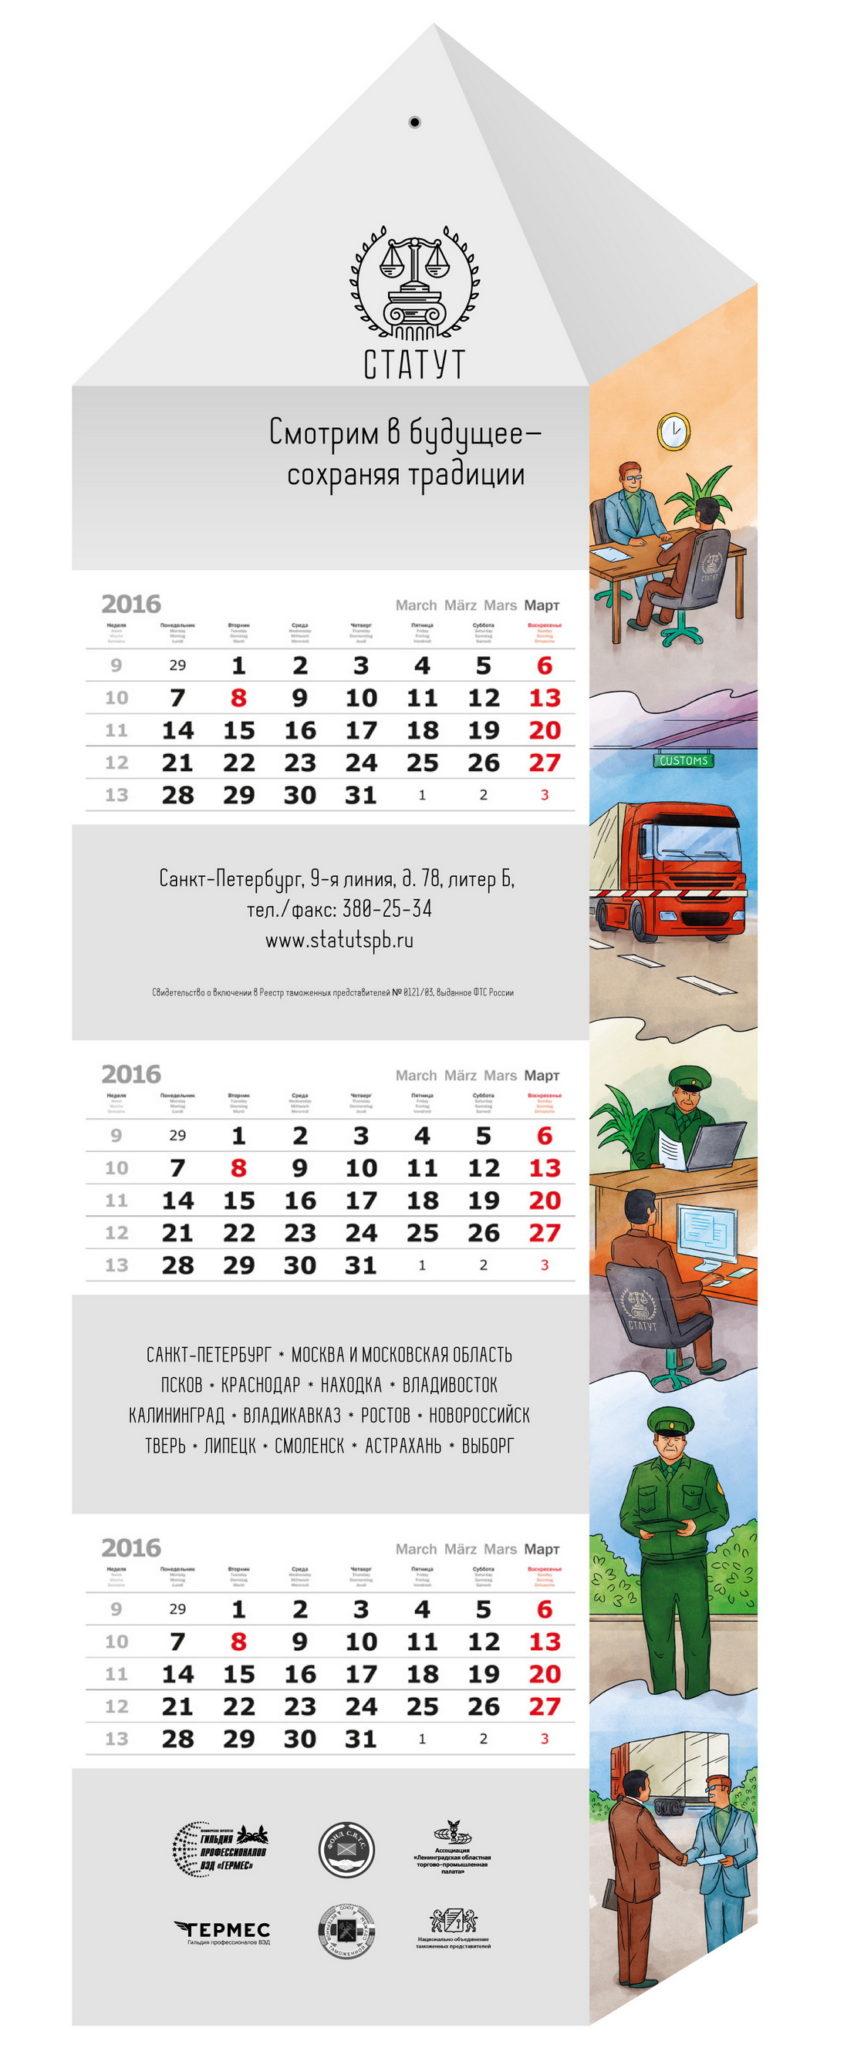 Дизайн квартального календаря трио СТАТУТ с иллюстрацией таможни